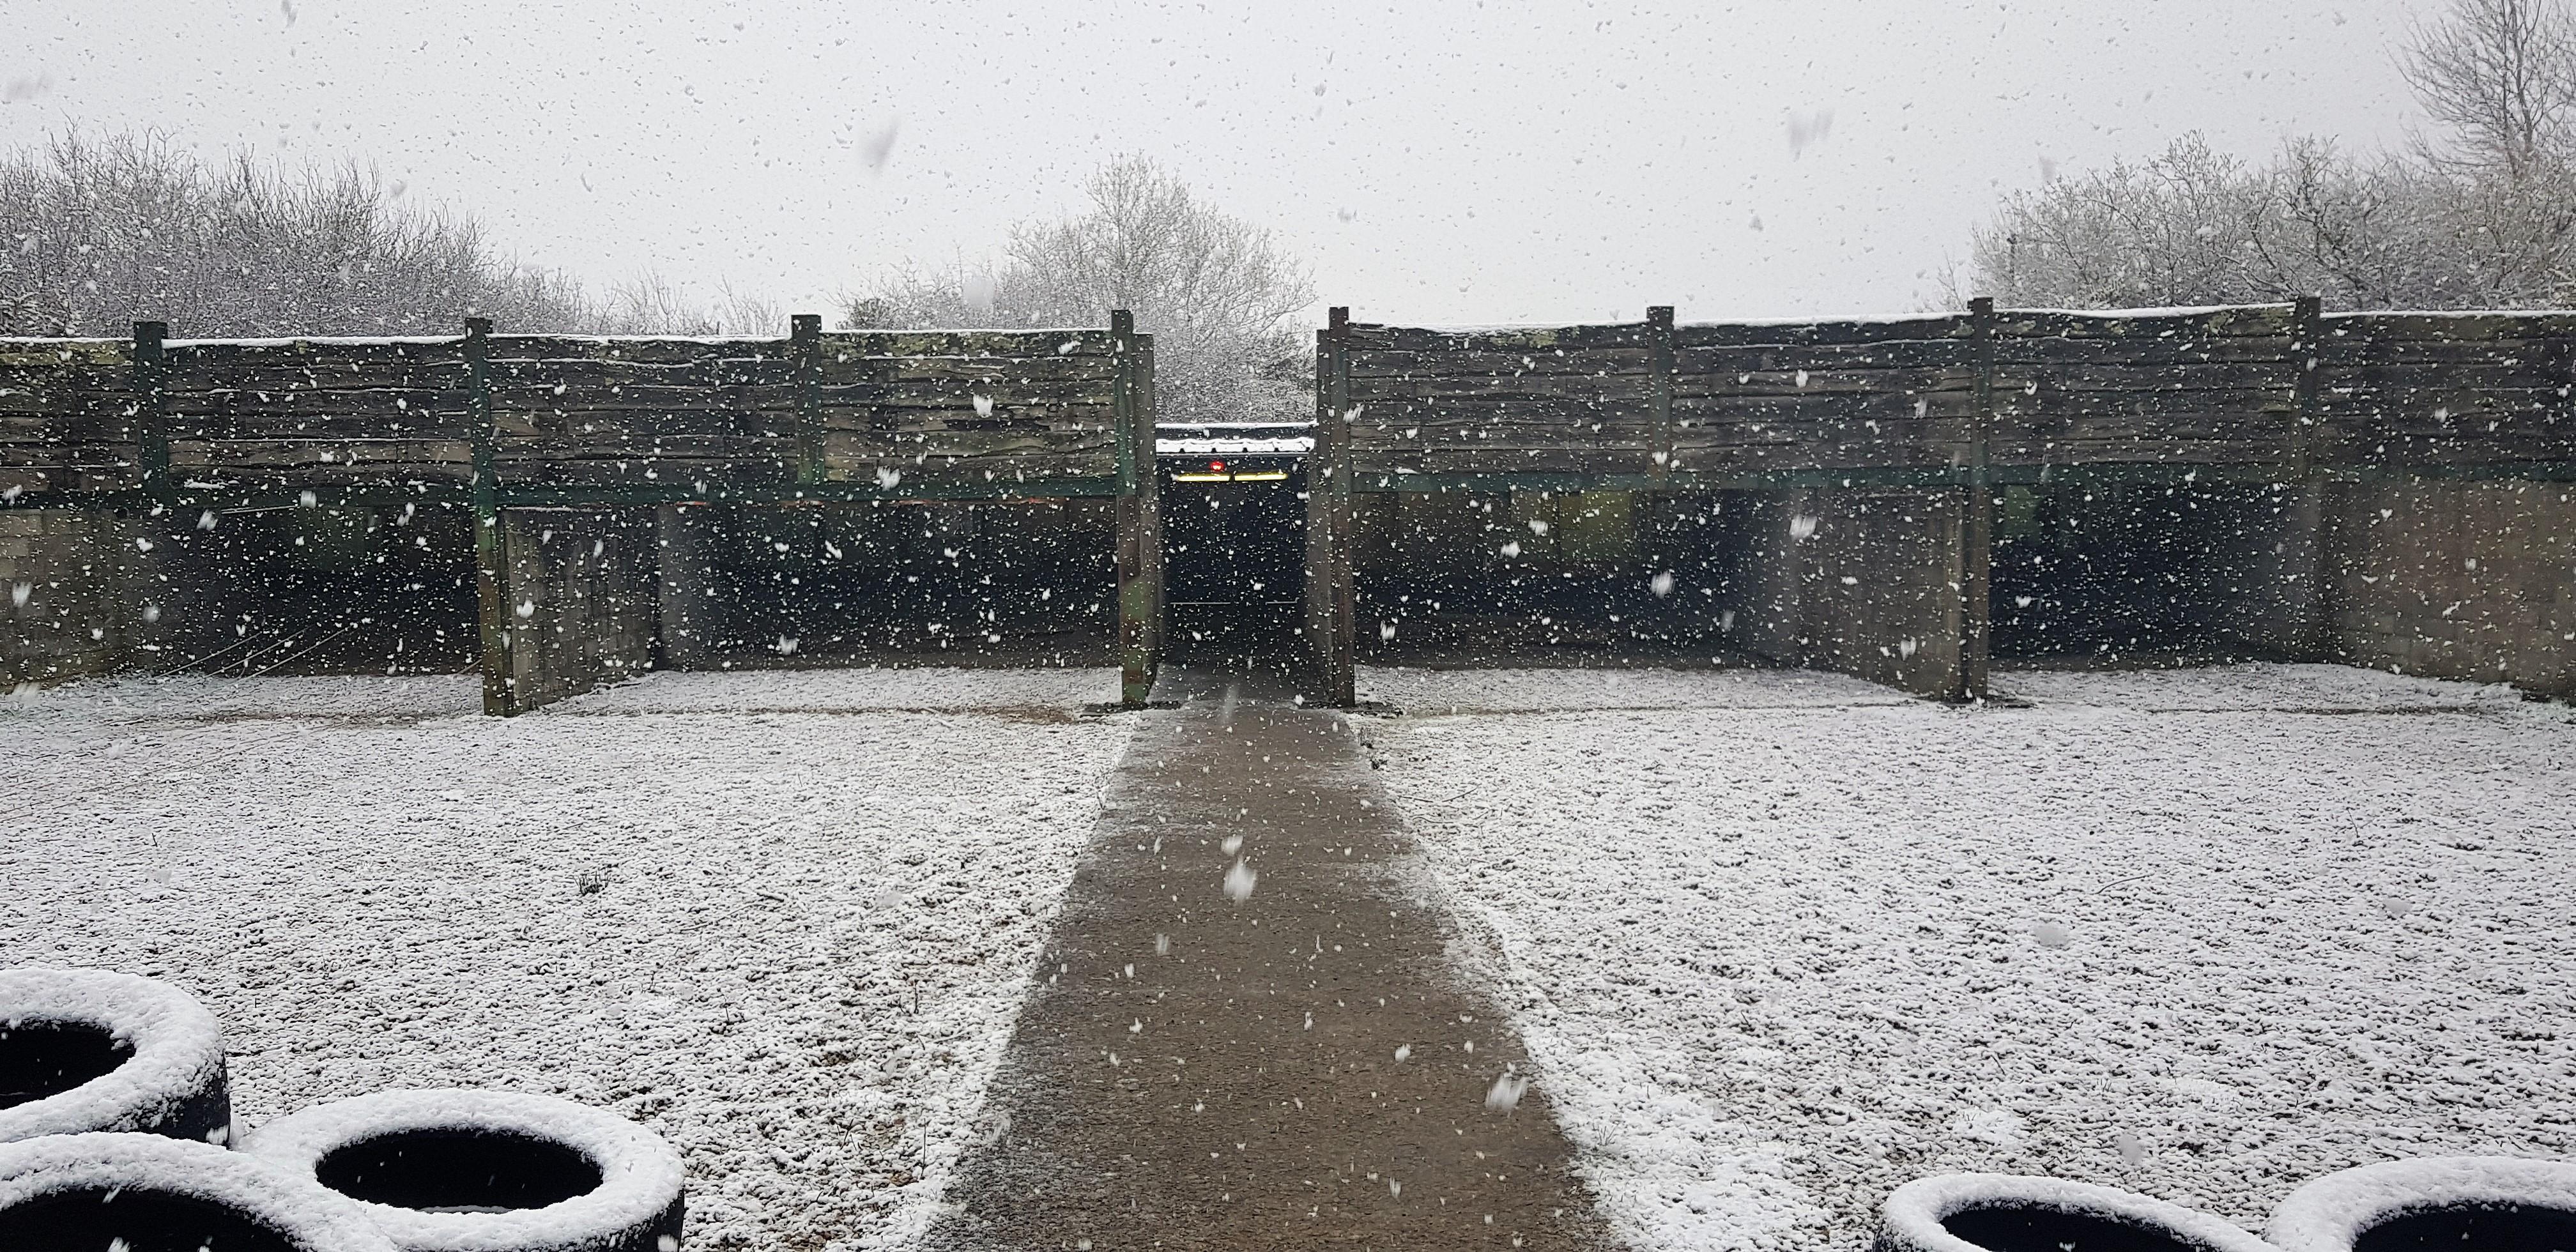 Stand sous la Neige 18 mars 2018